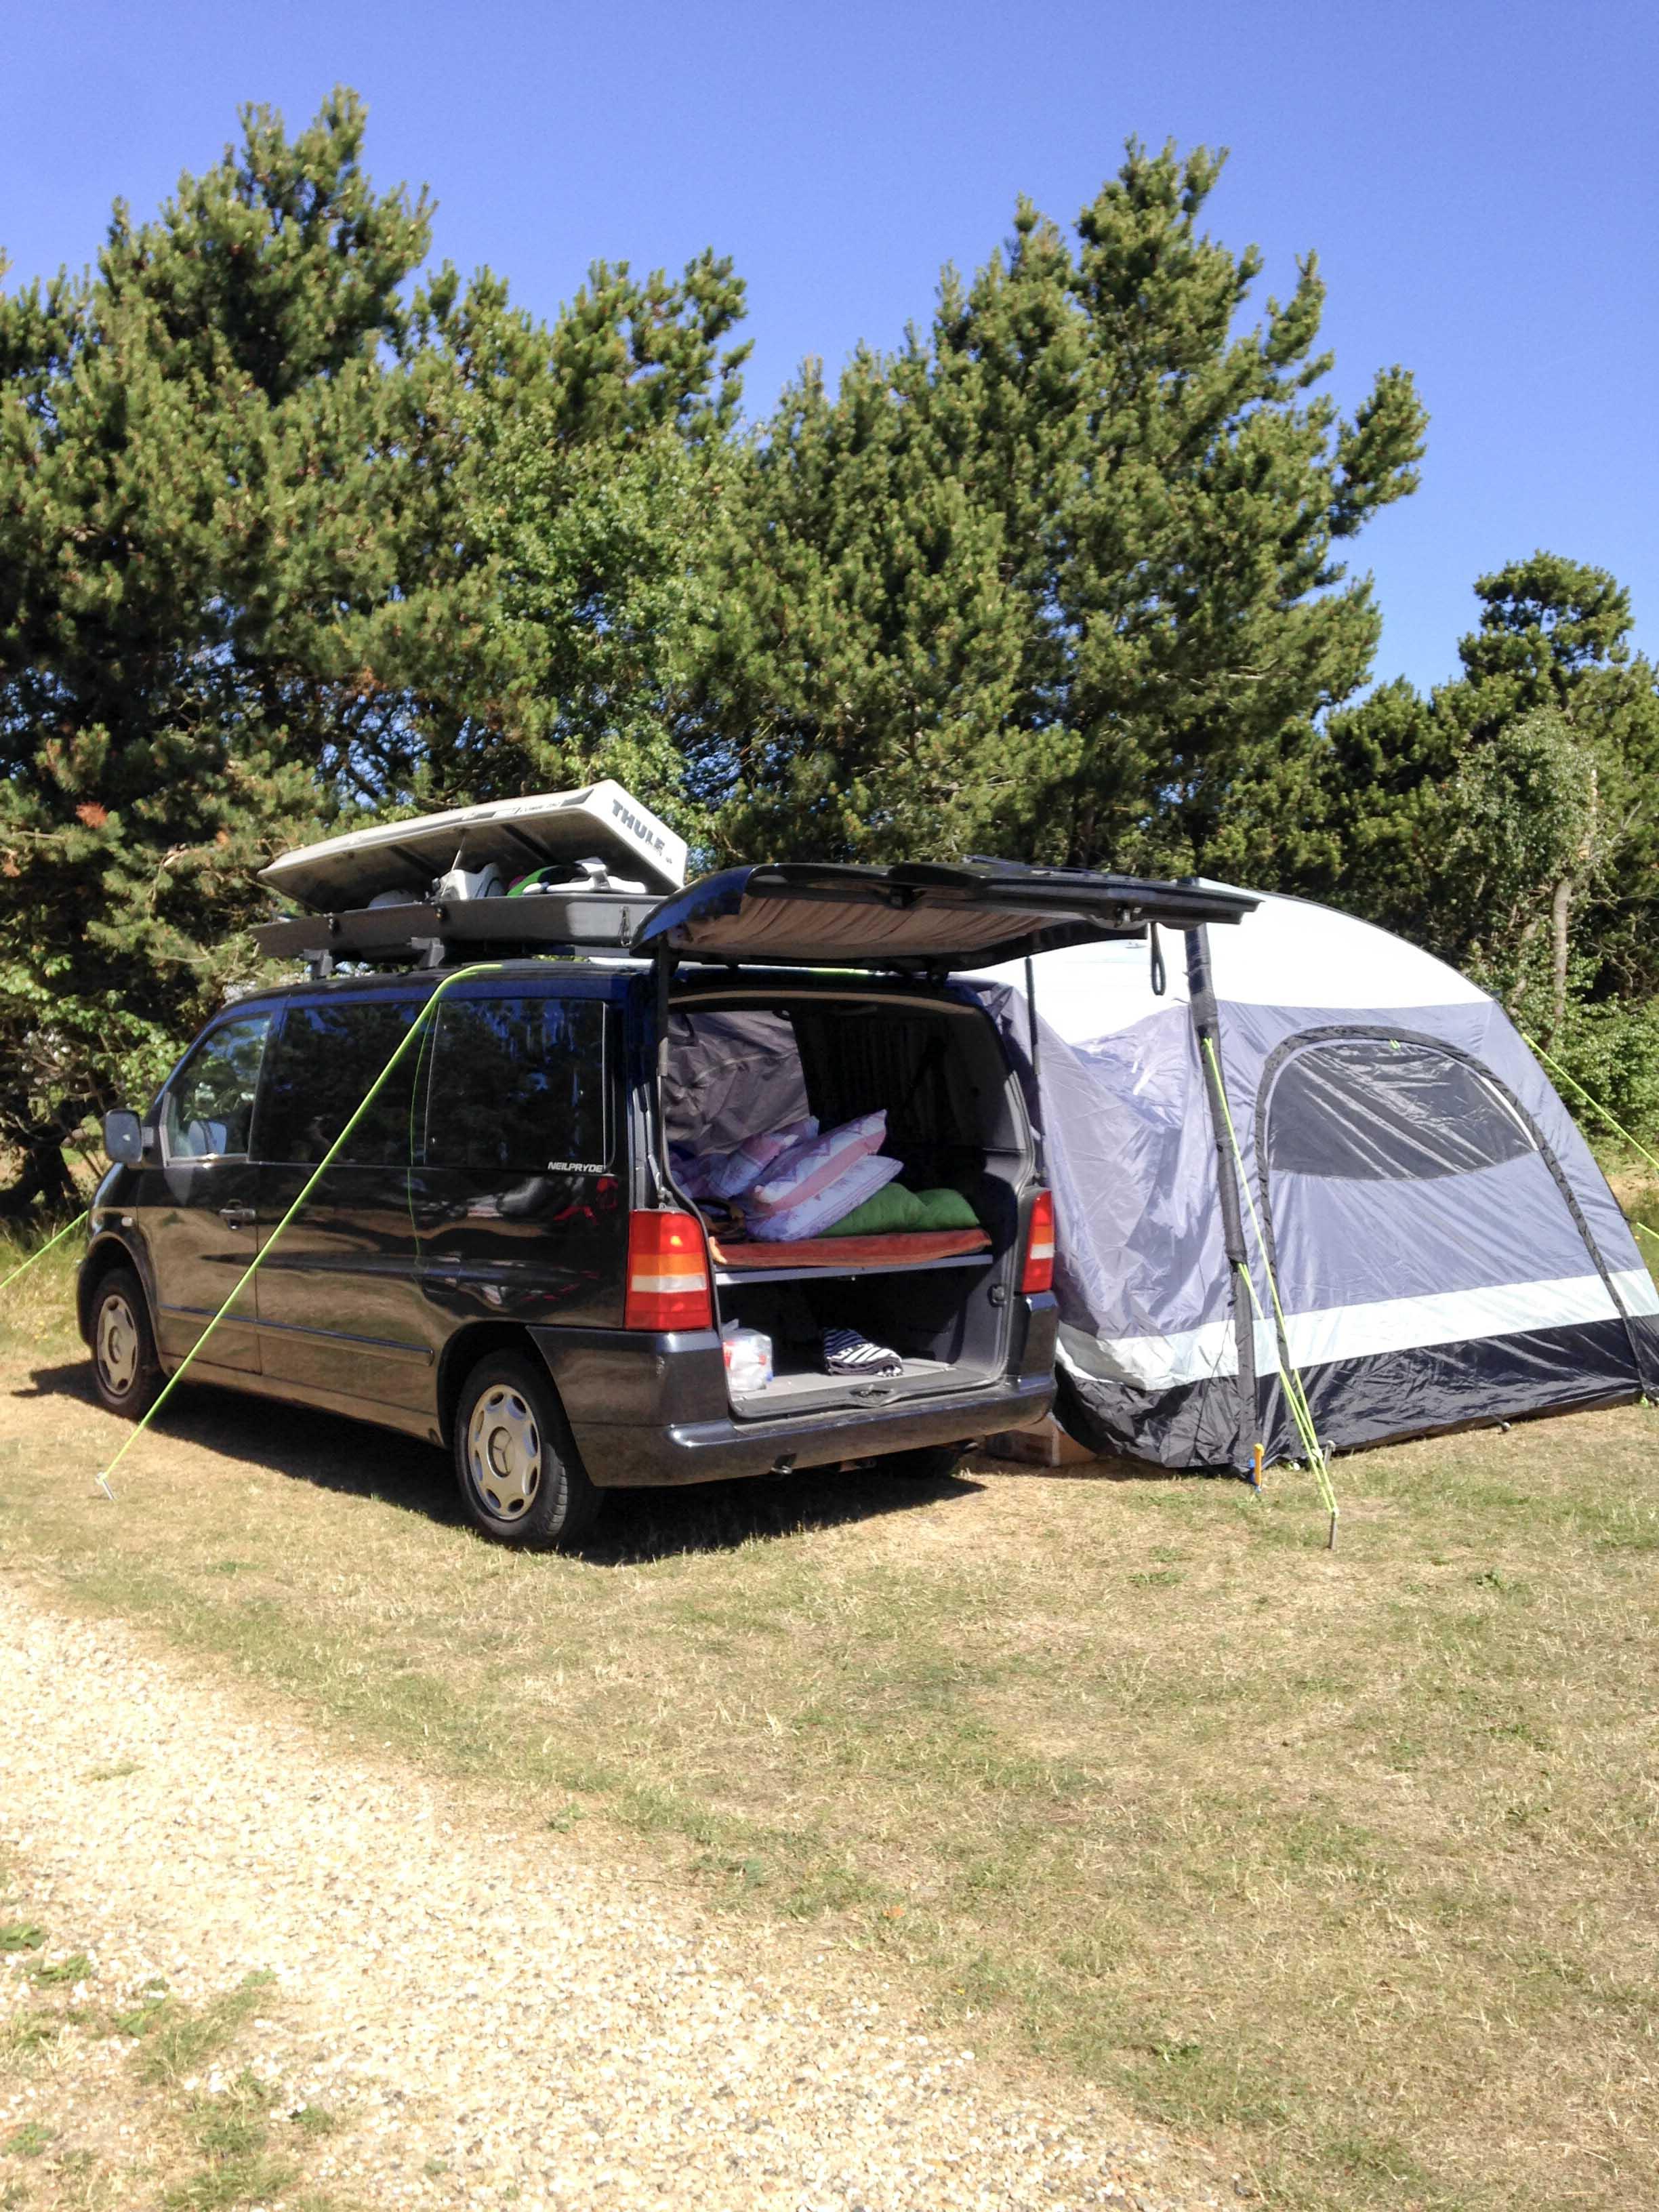 Nystrup Campingplatz in Klitmøller